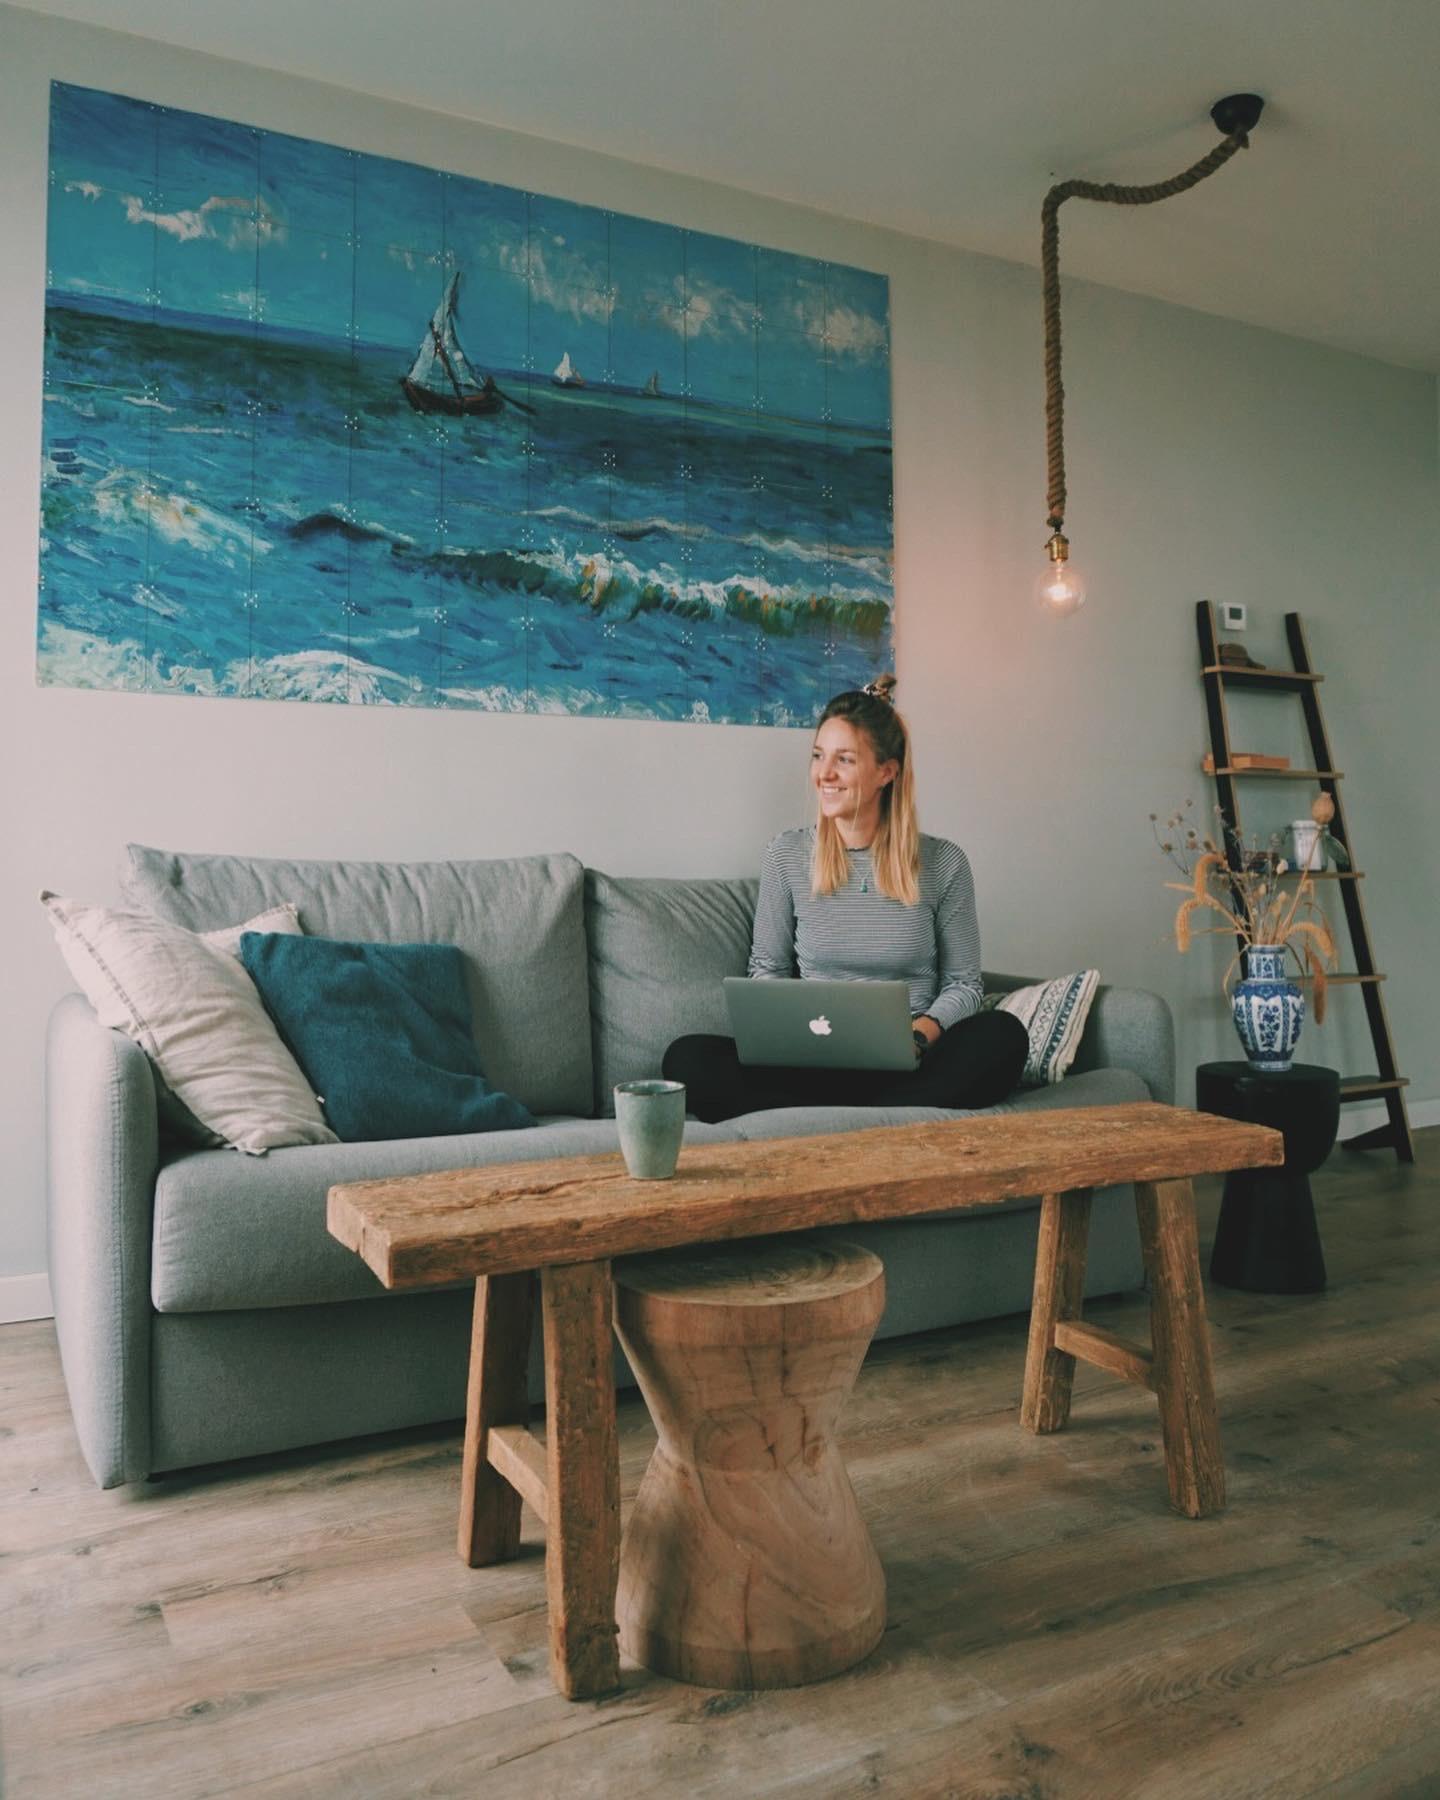 Staycation appartement huren aan zee Solon Travel Boulevard5 zandvoort